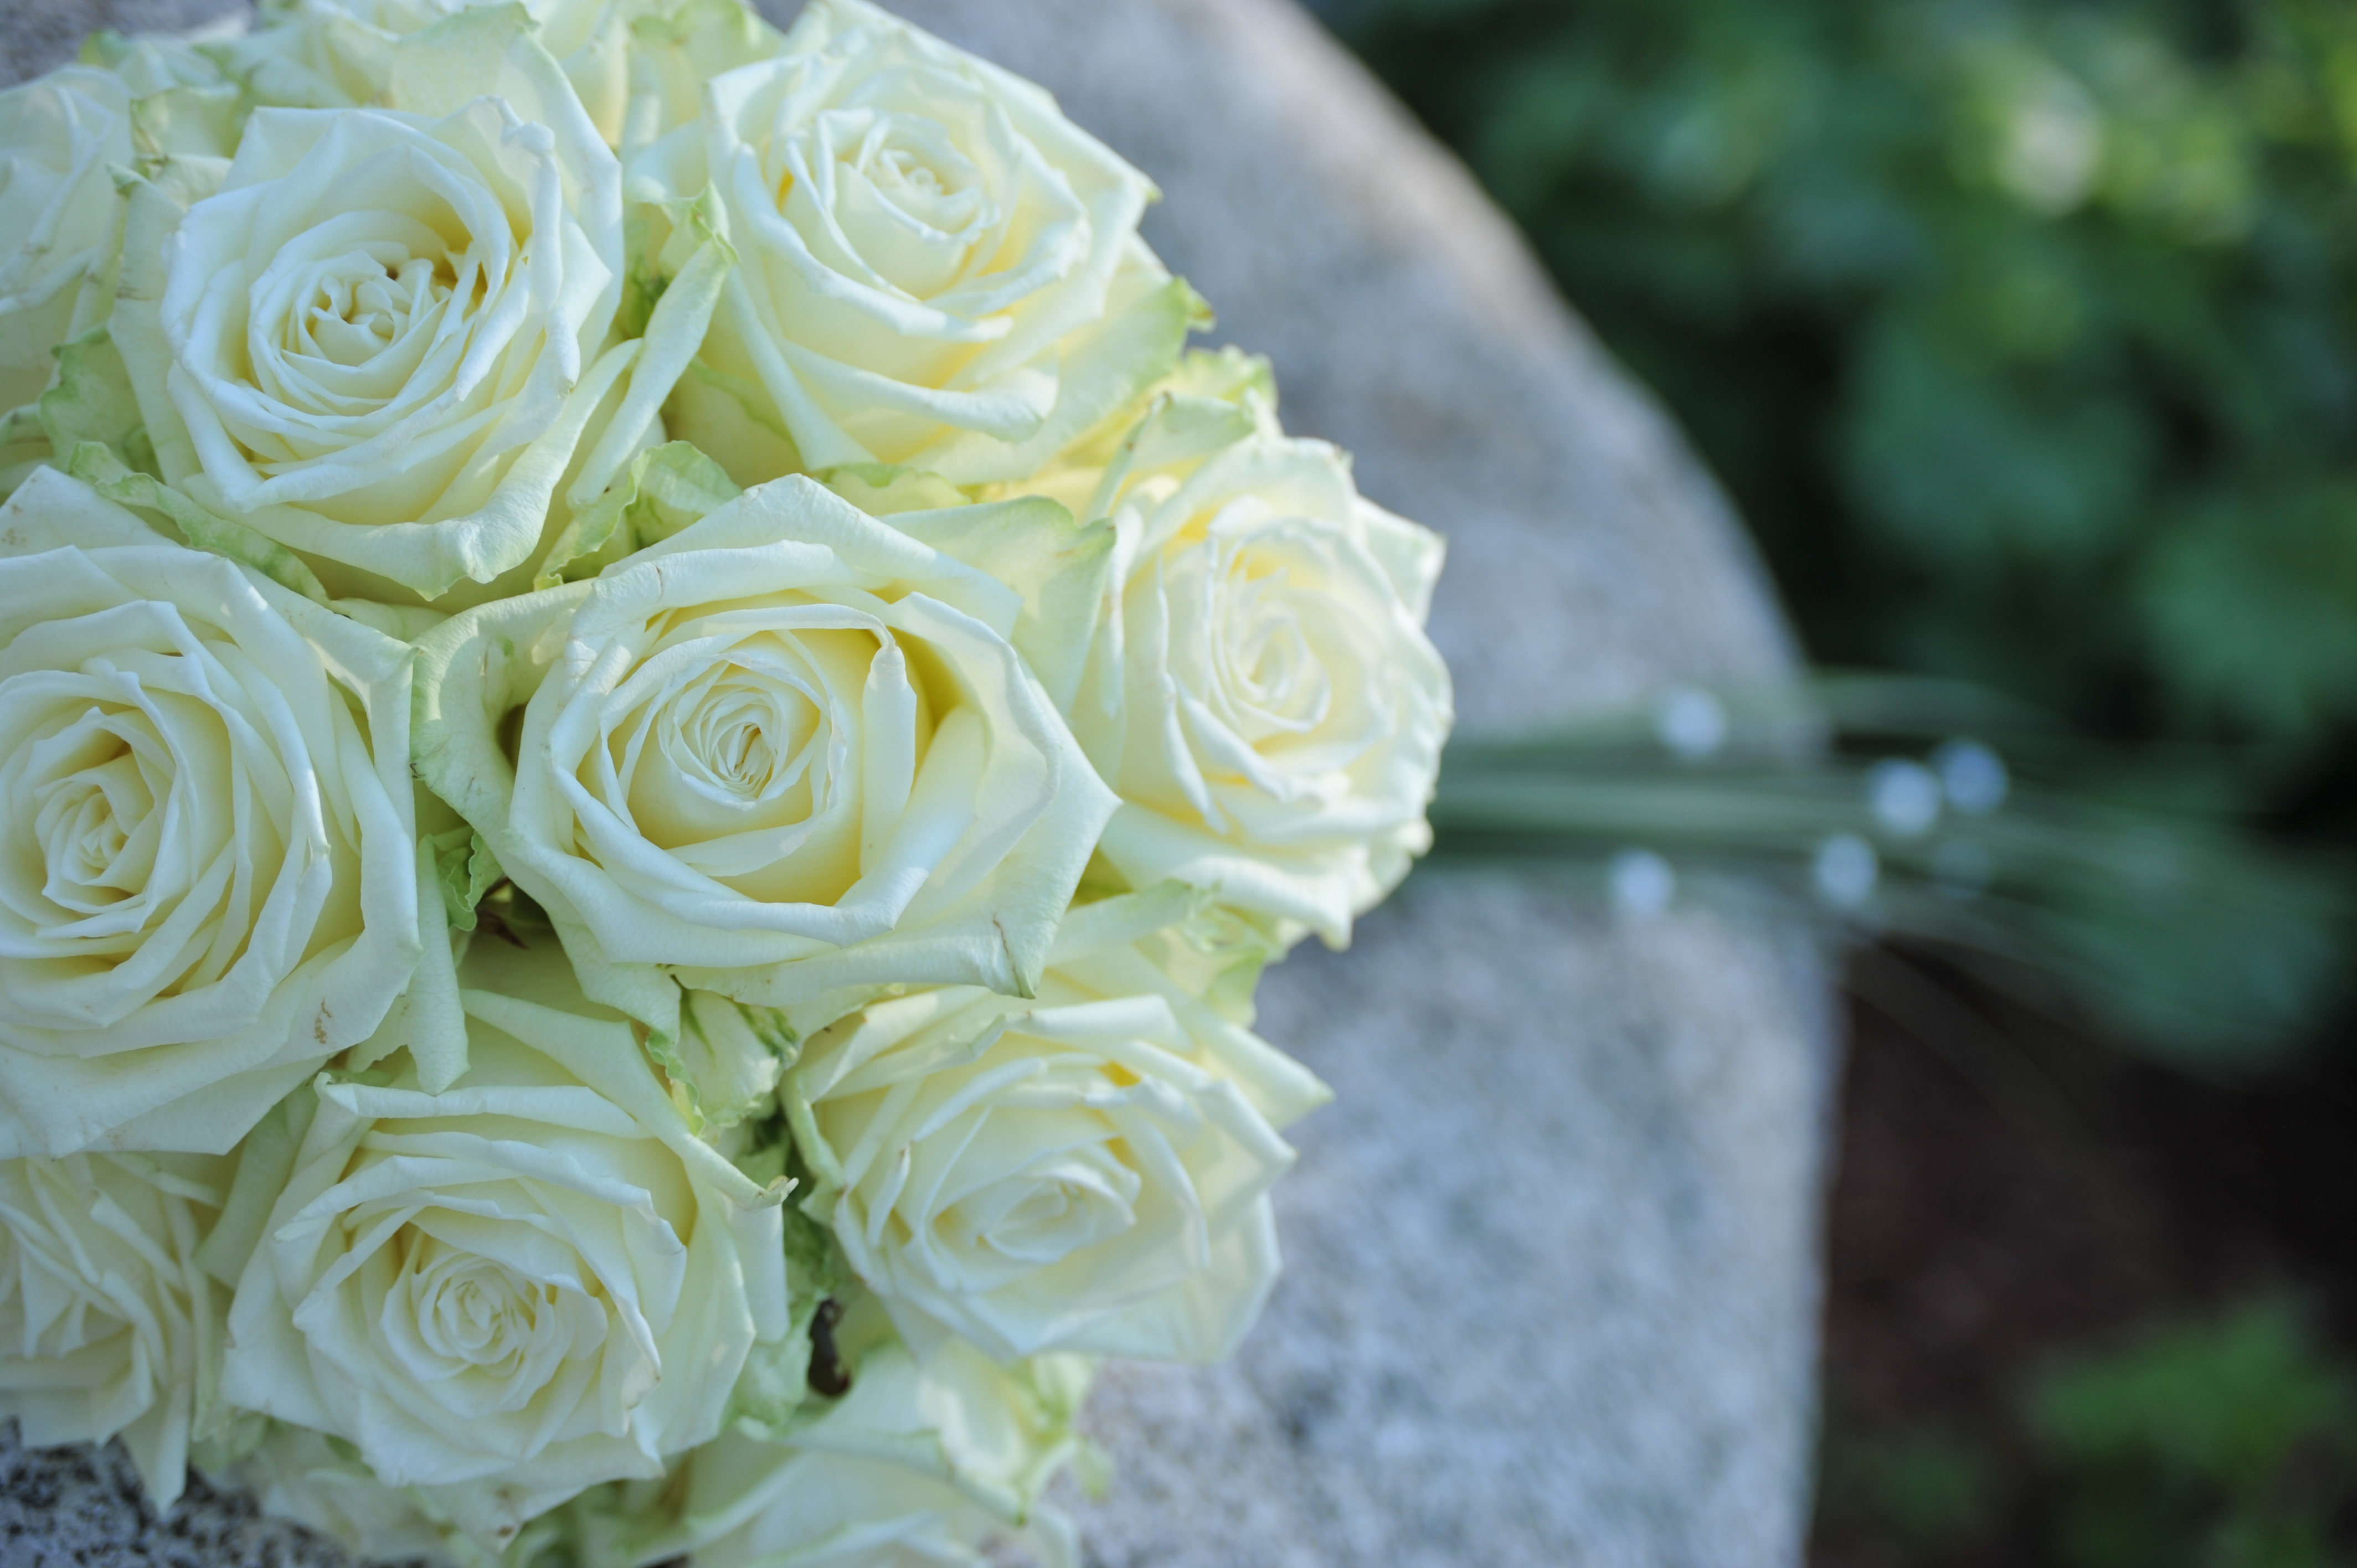 Hochzeitsfloristik Brautstrauss mit langem Staengel der aus weiss gelben Rosen besteht und rund ist am Stein liegend